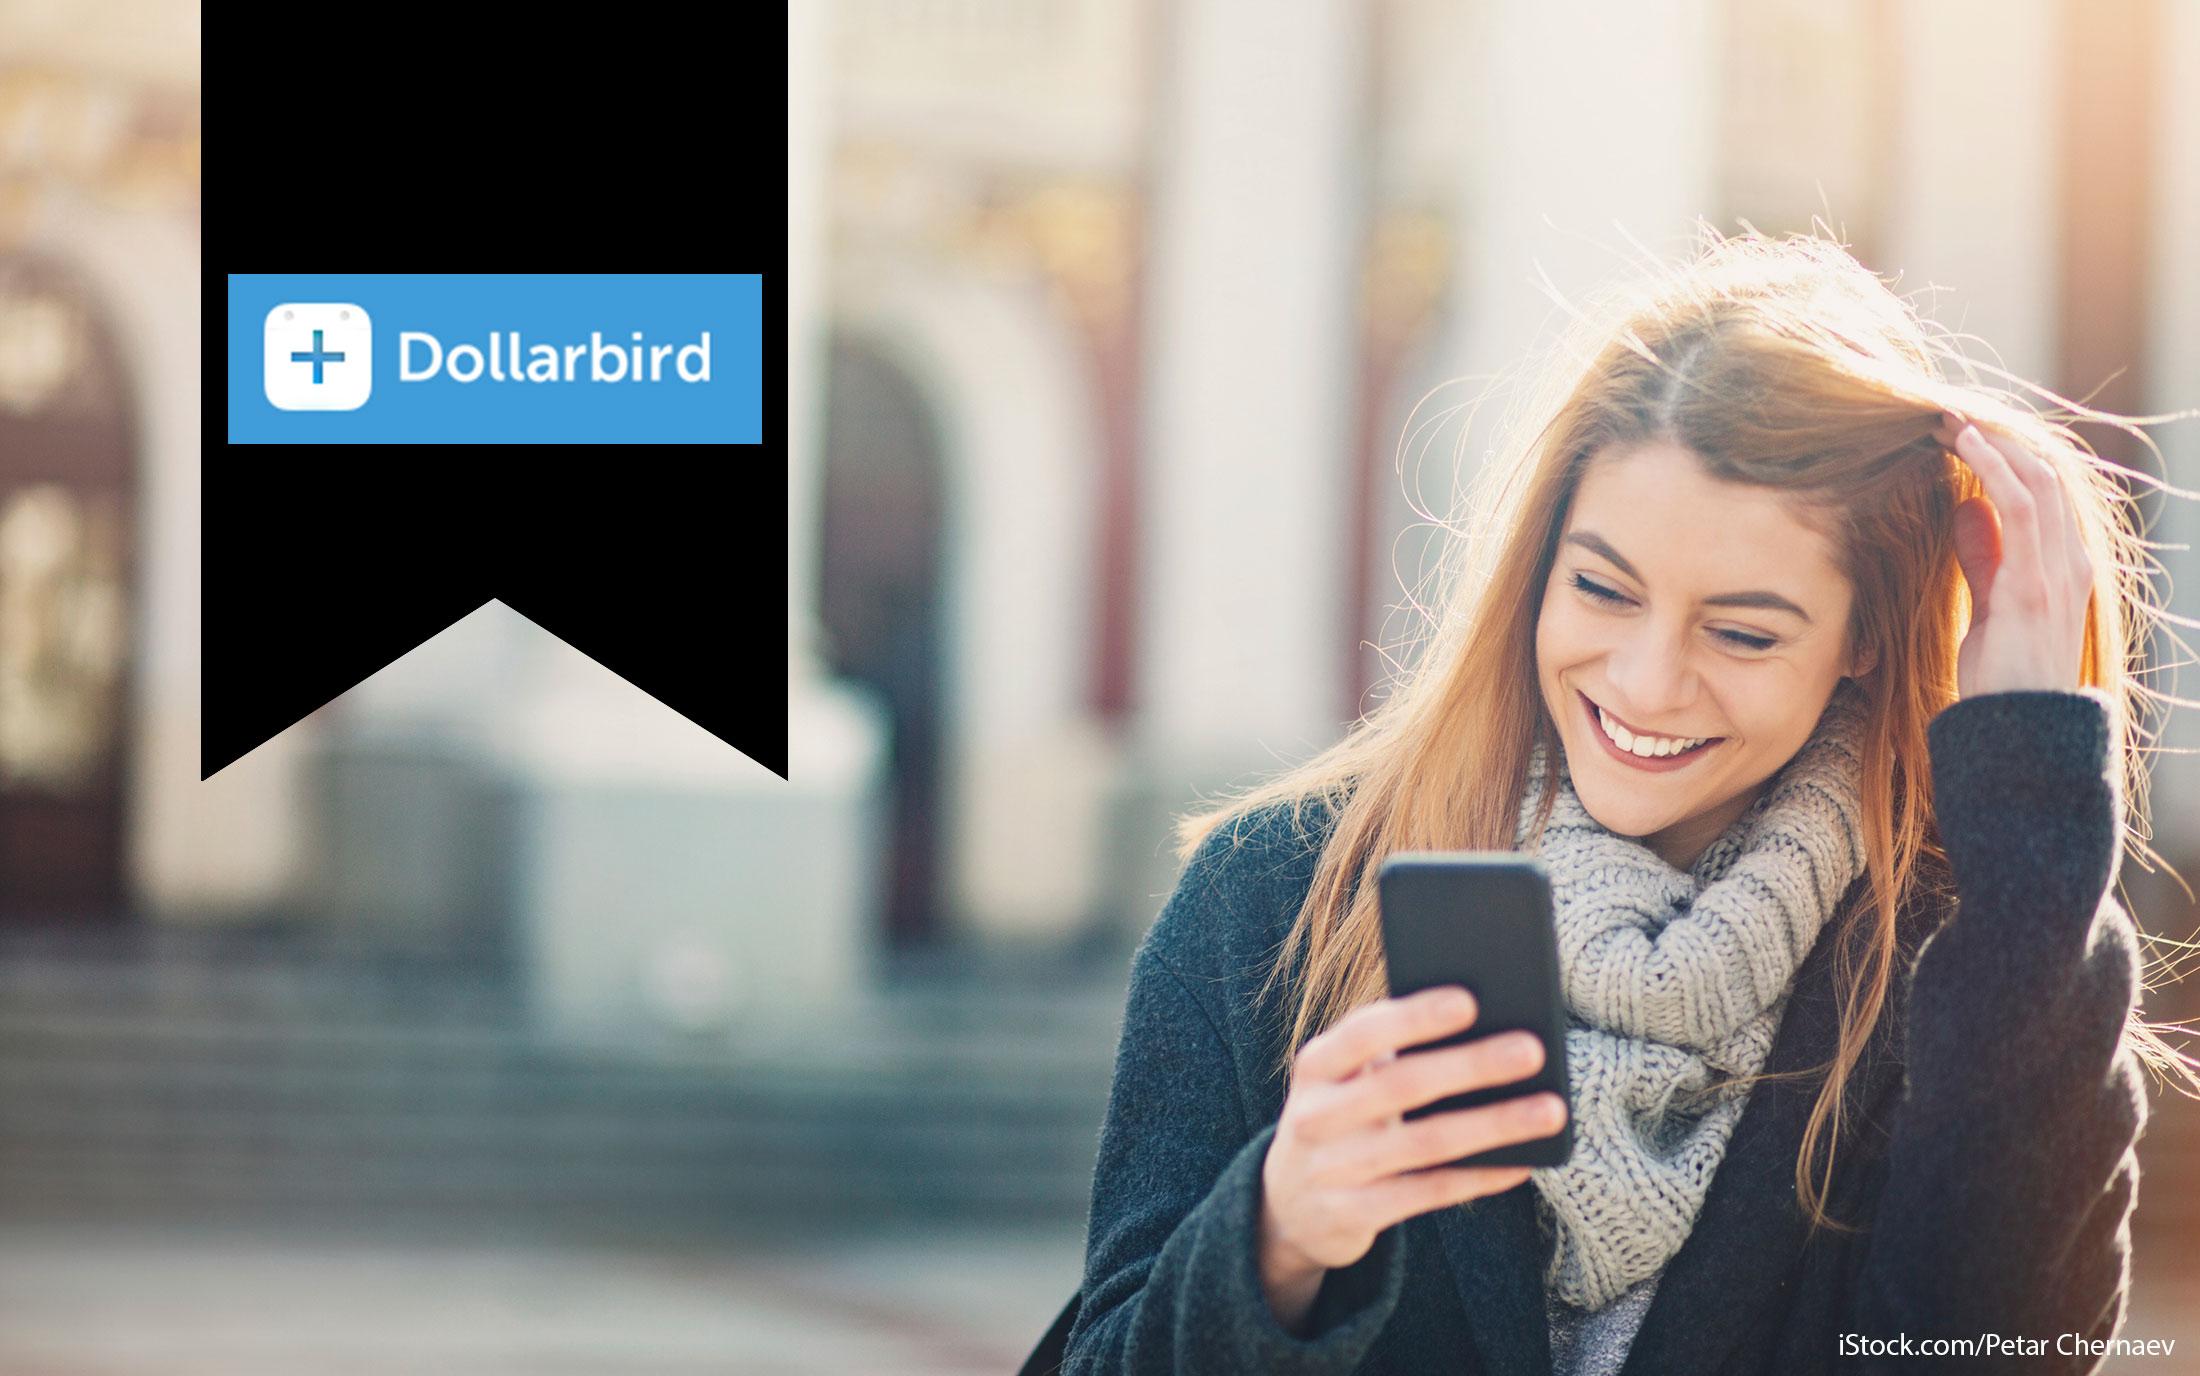 Dollarbird app